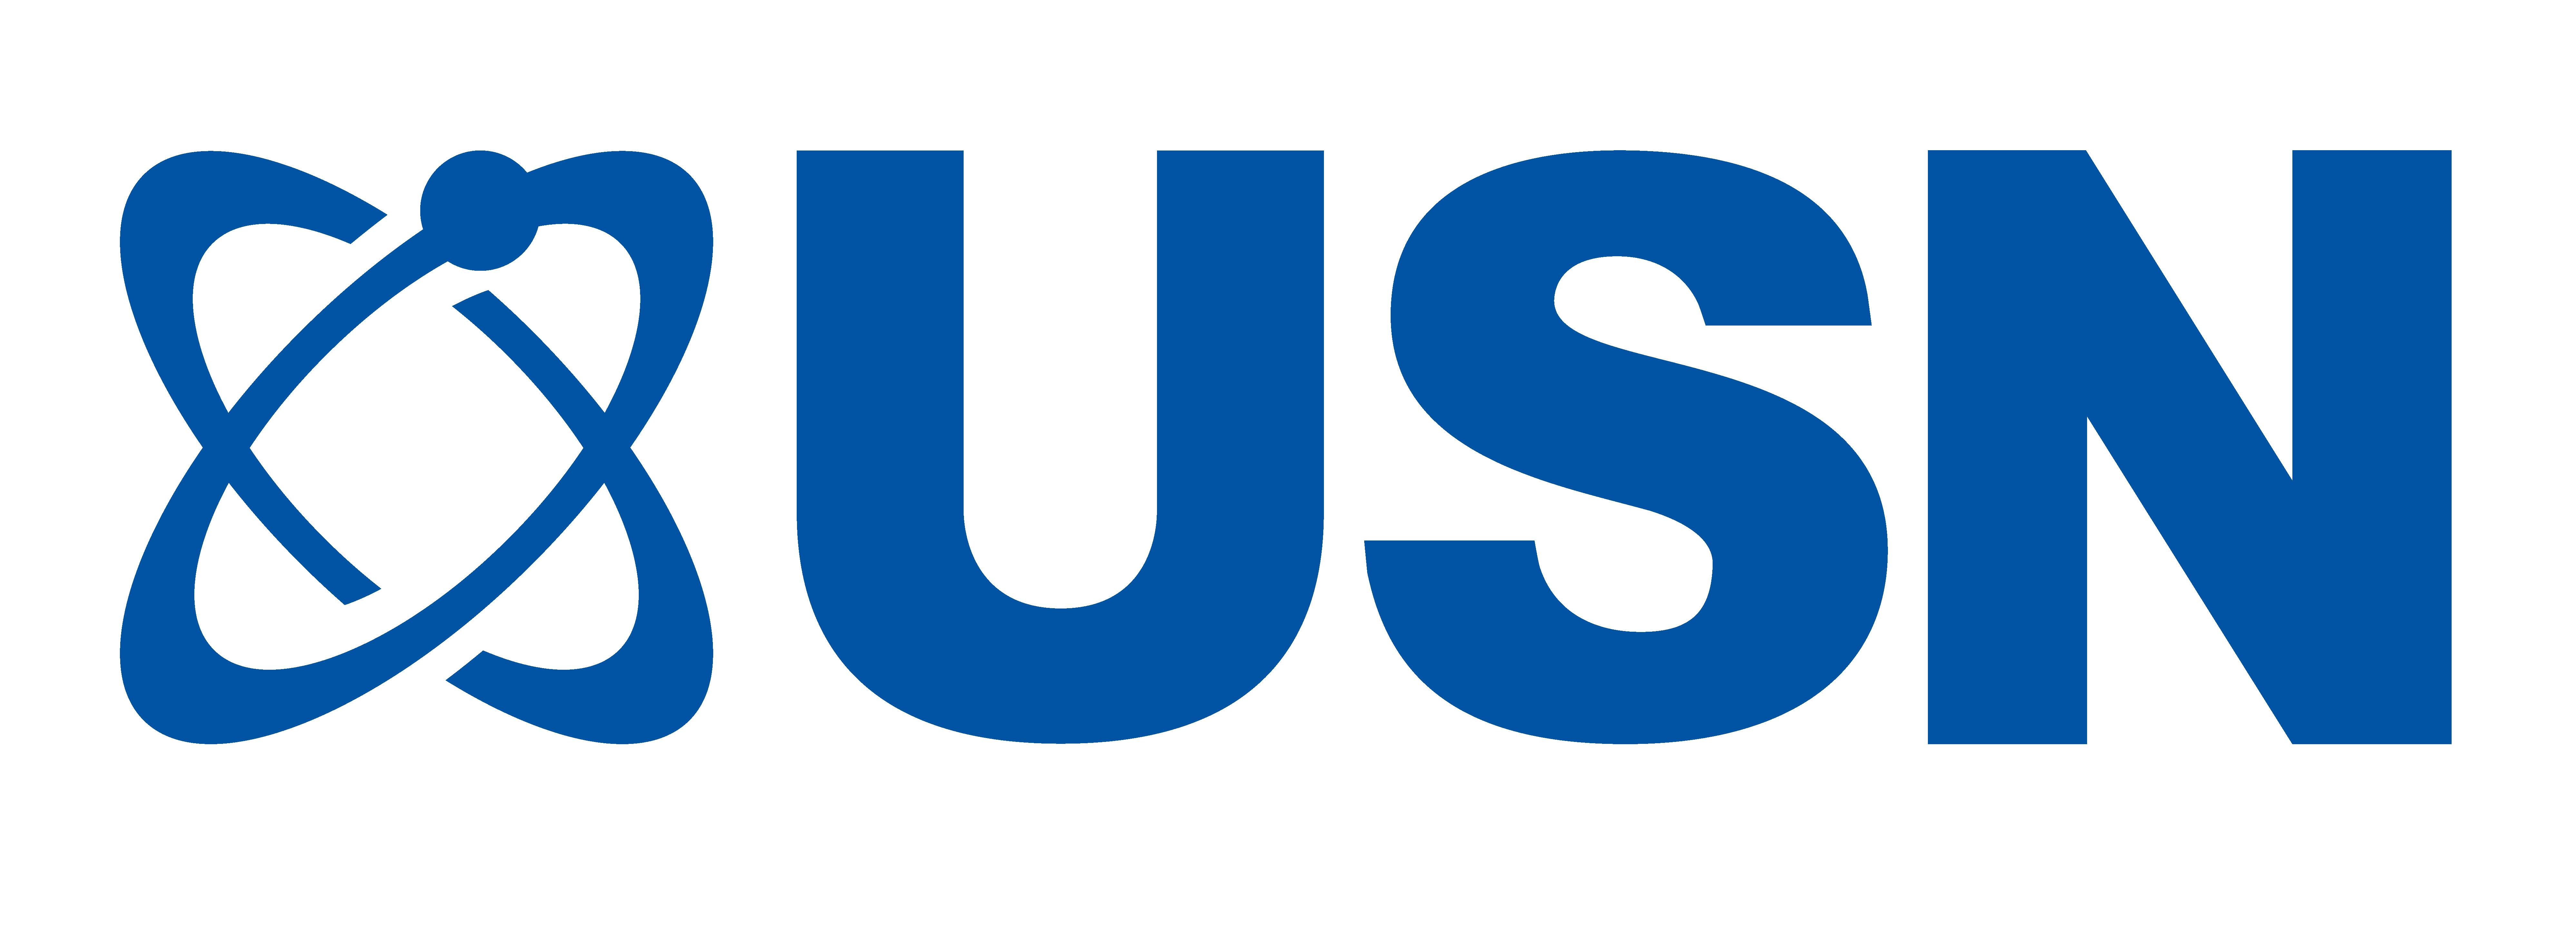 New USN LOGO-Blue-on-white